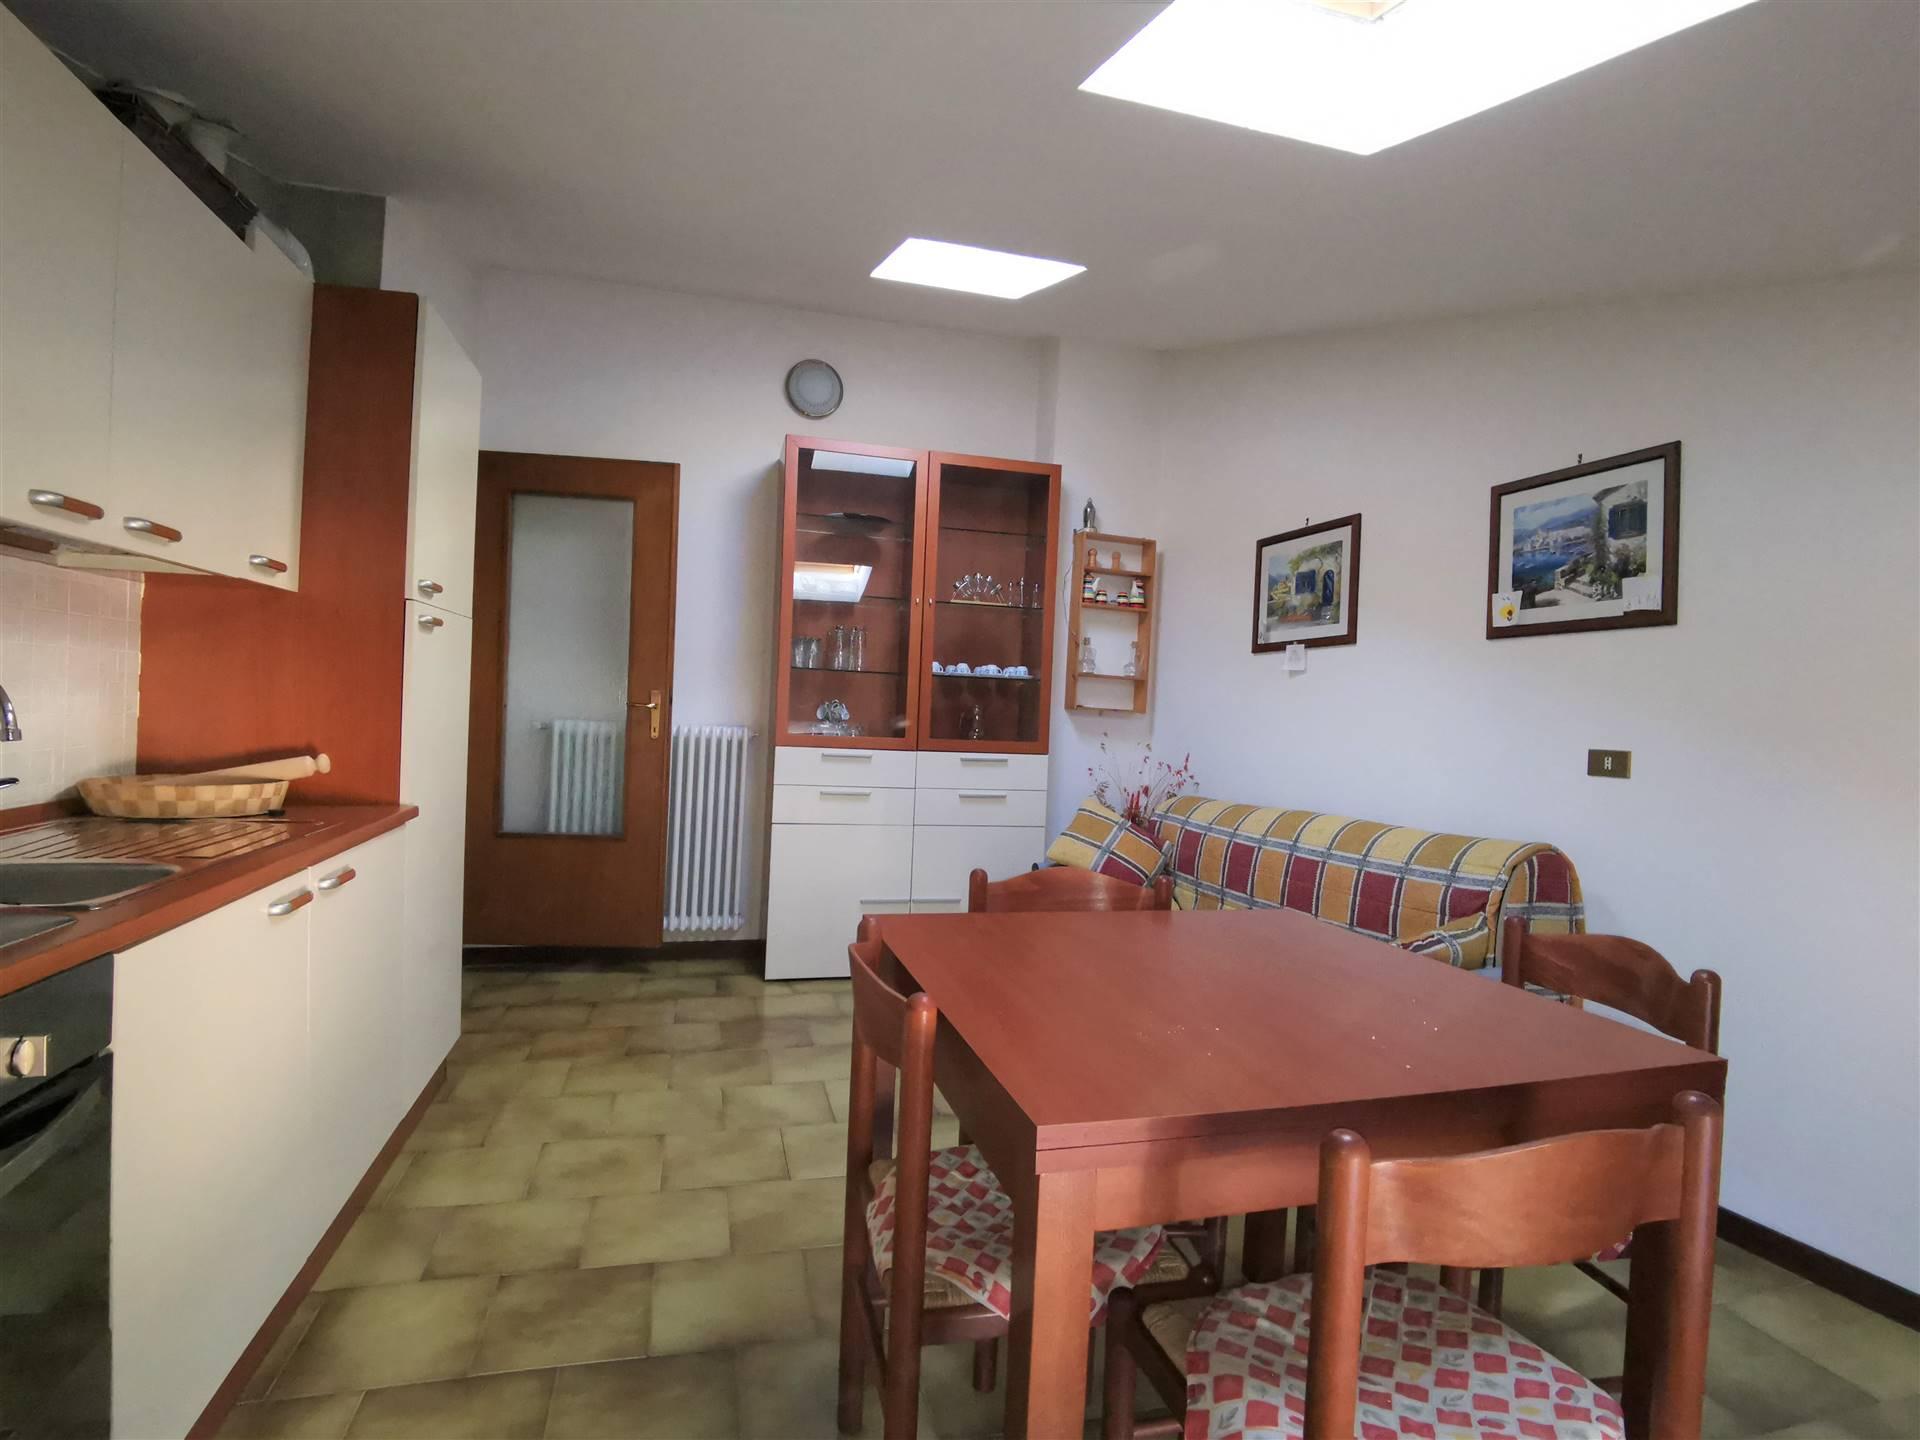 Appartamento in vendita a Caiolo, 3 locali, prezzo € 49.000 | PortaleAgenzieImmobiliari.it